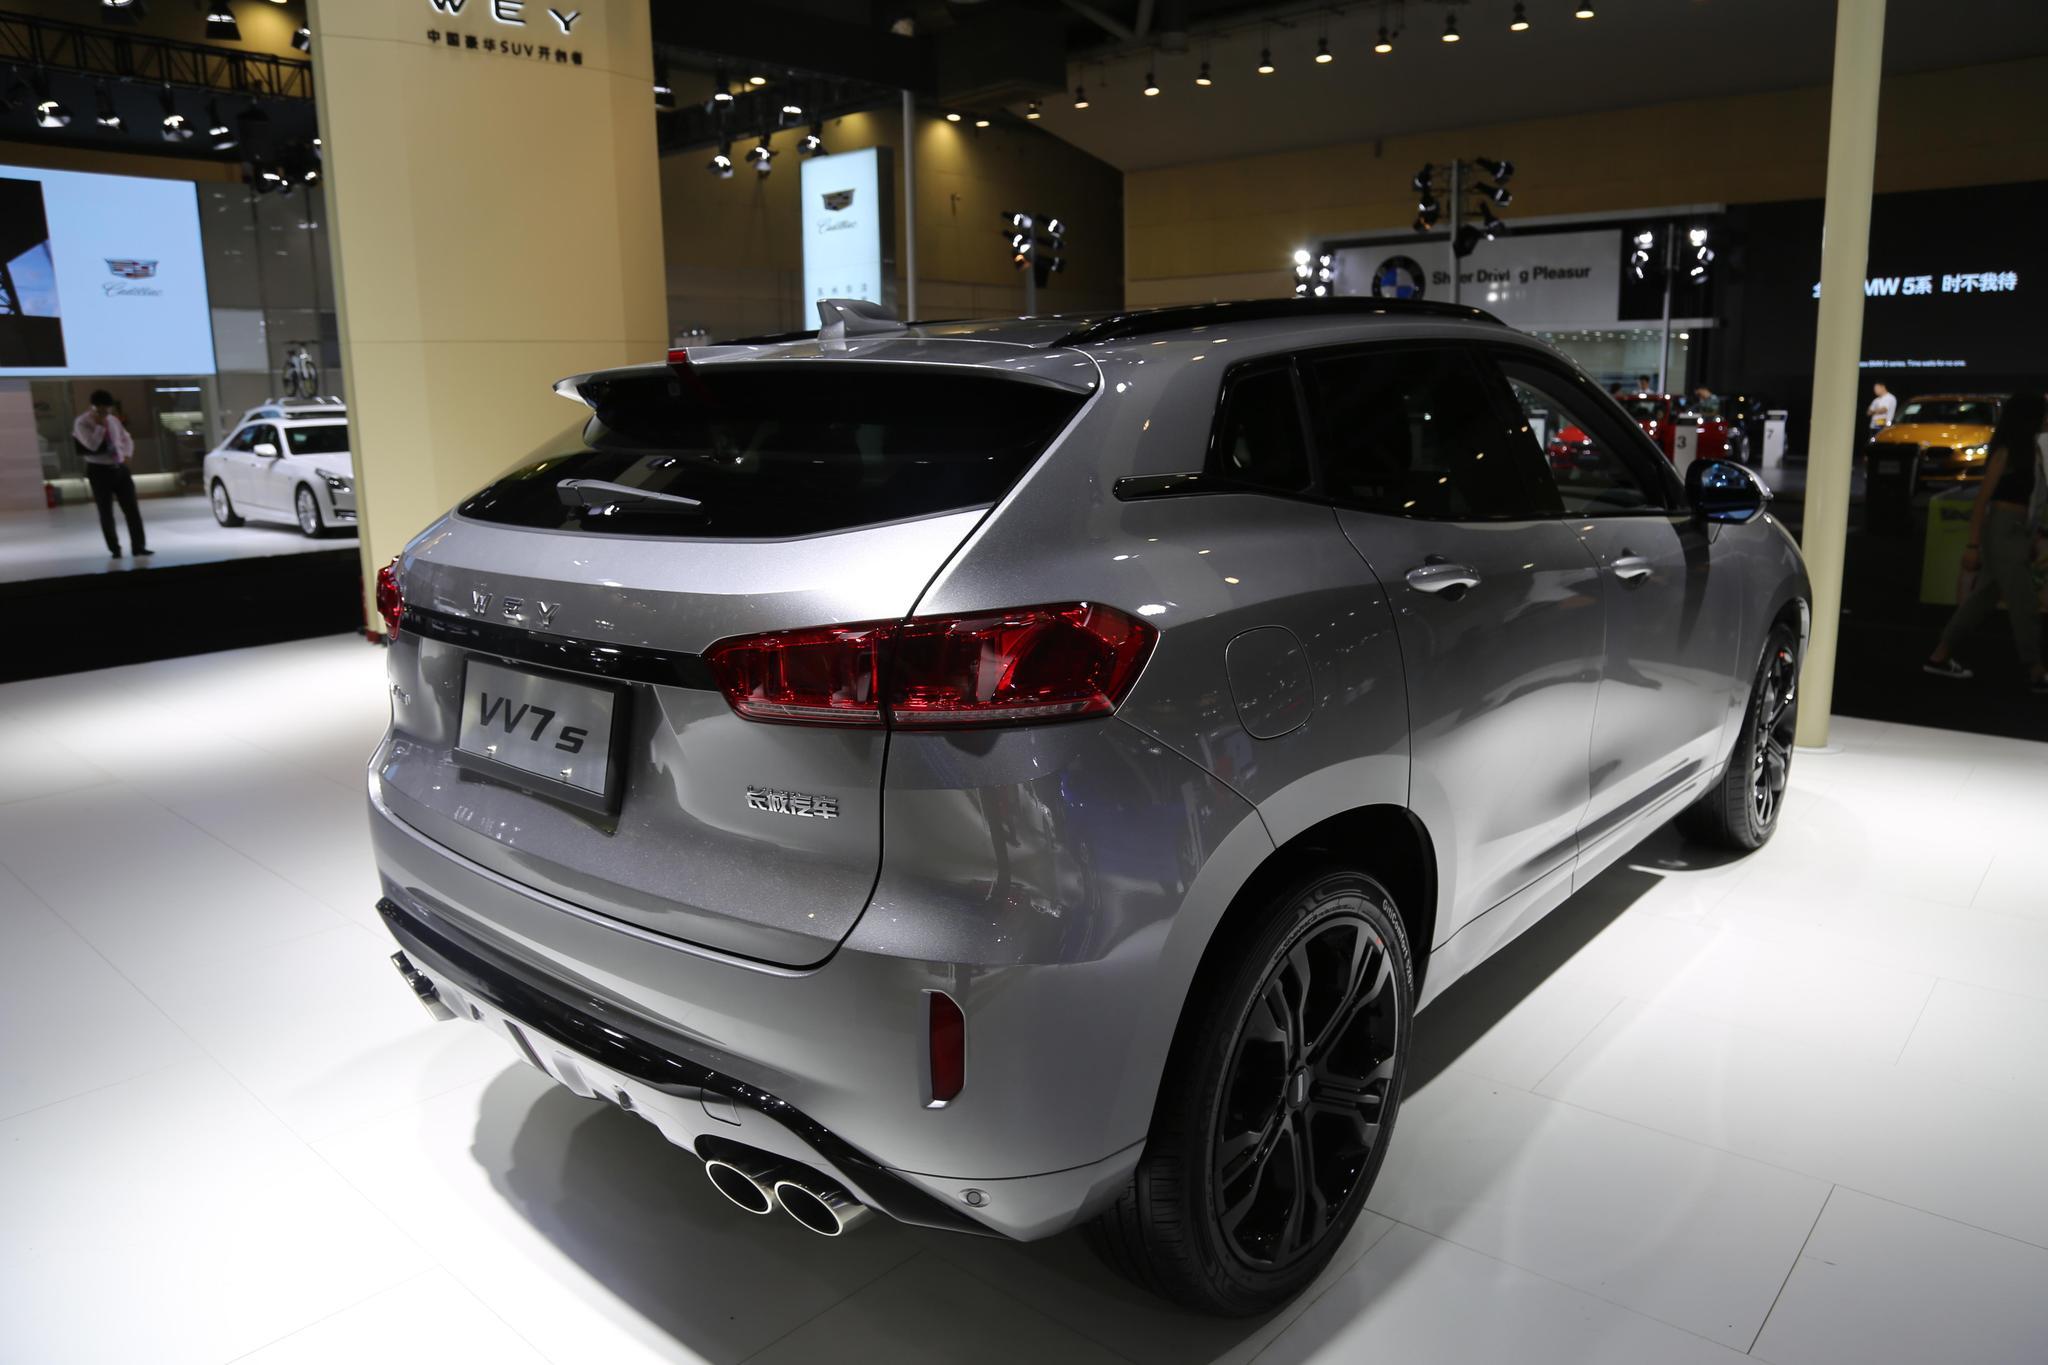 长城WEY汽车VV7s,18万级别豪华SUV,车展实拍!